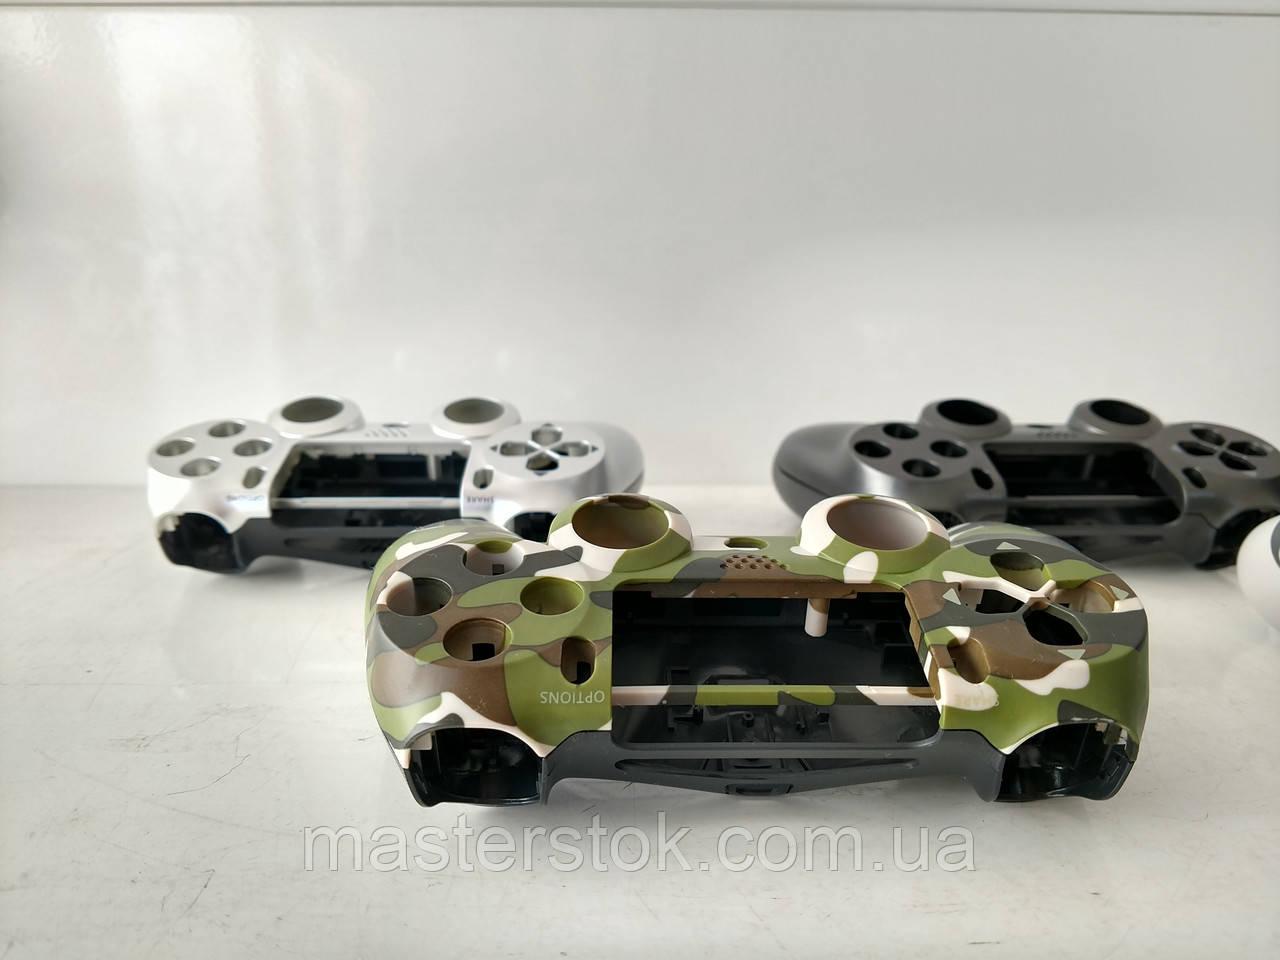 Новые корпуса для джойстиков Playstation 4 ( Pro/Slim JDM 040, JDS-040 3